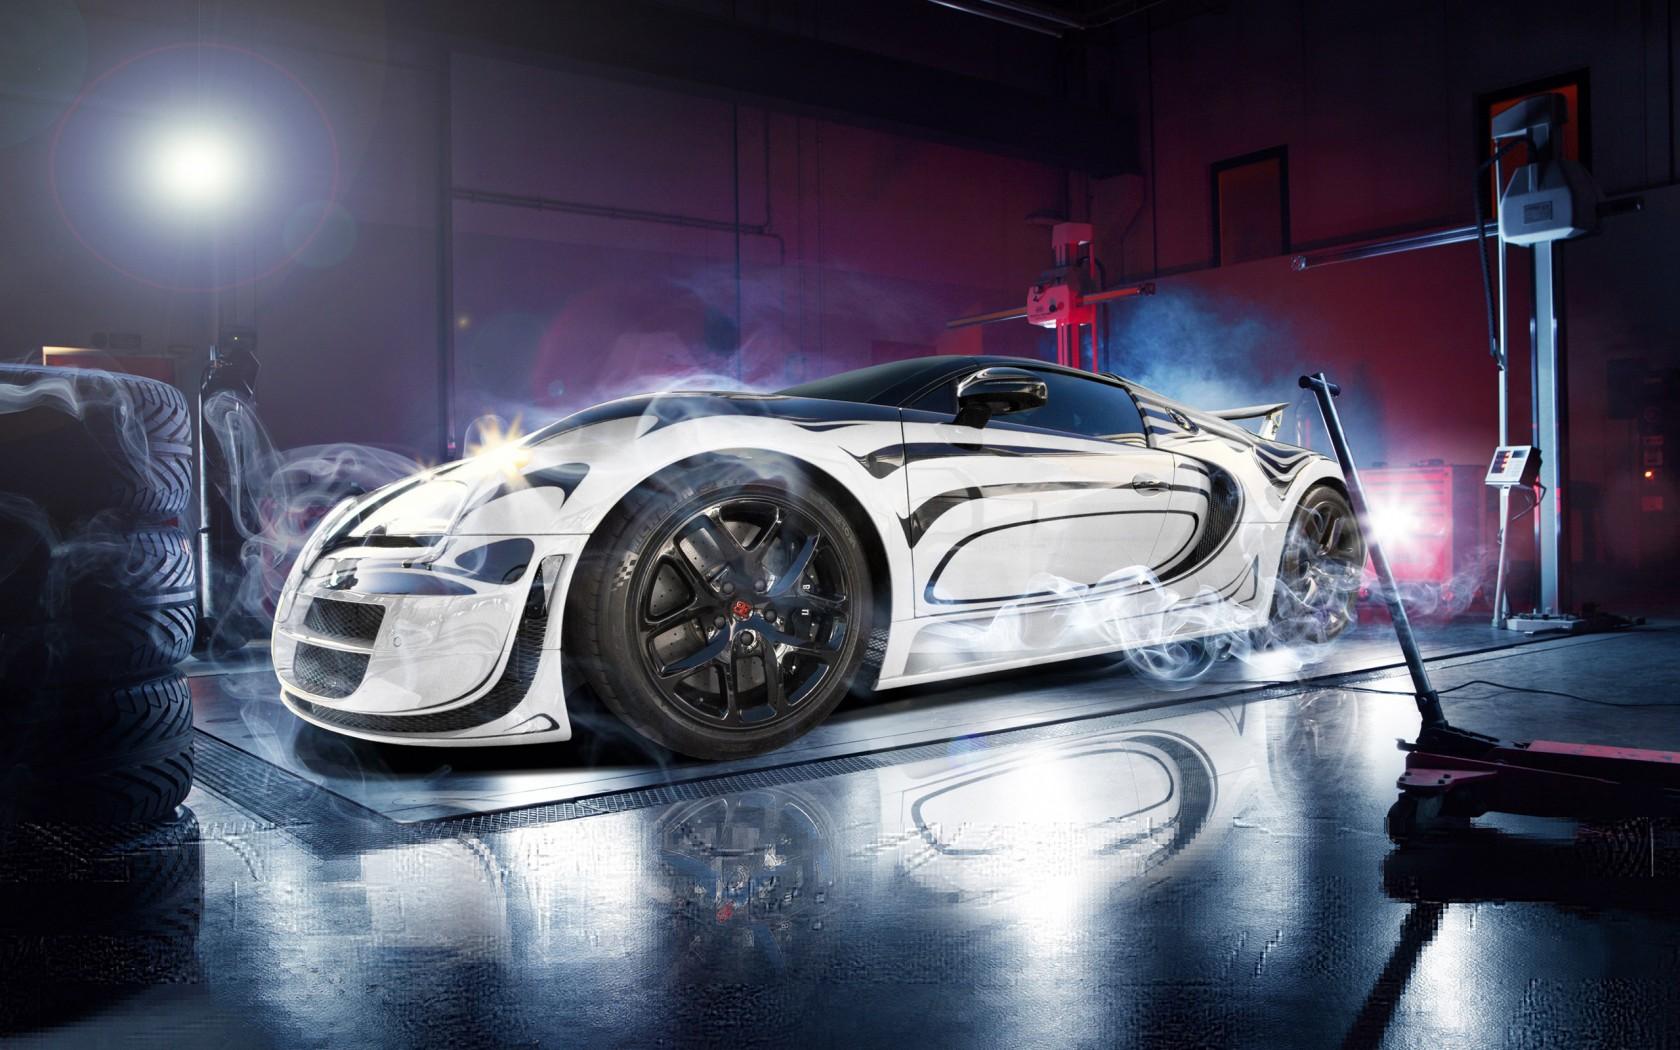 Exotic Car Photos Wallpaper Bugatti Veyron Super Car Wallpapers Hd Wallpapers Id